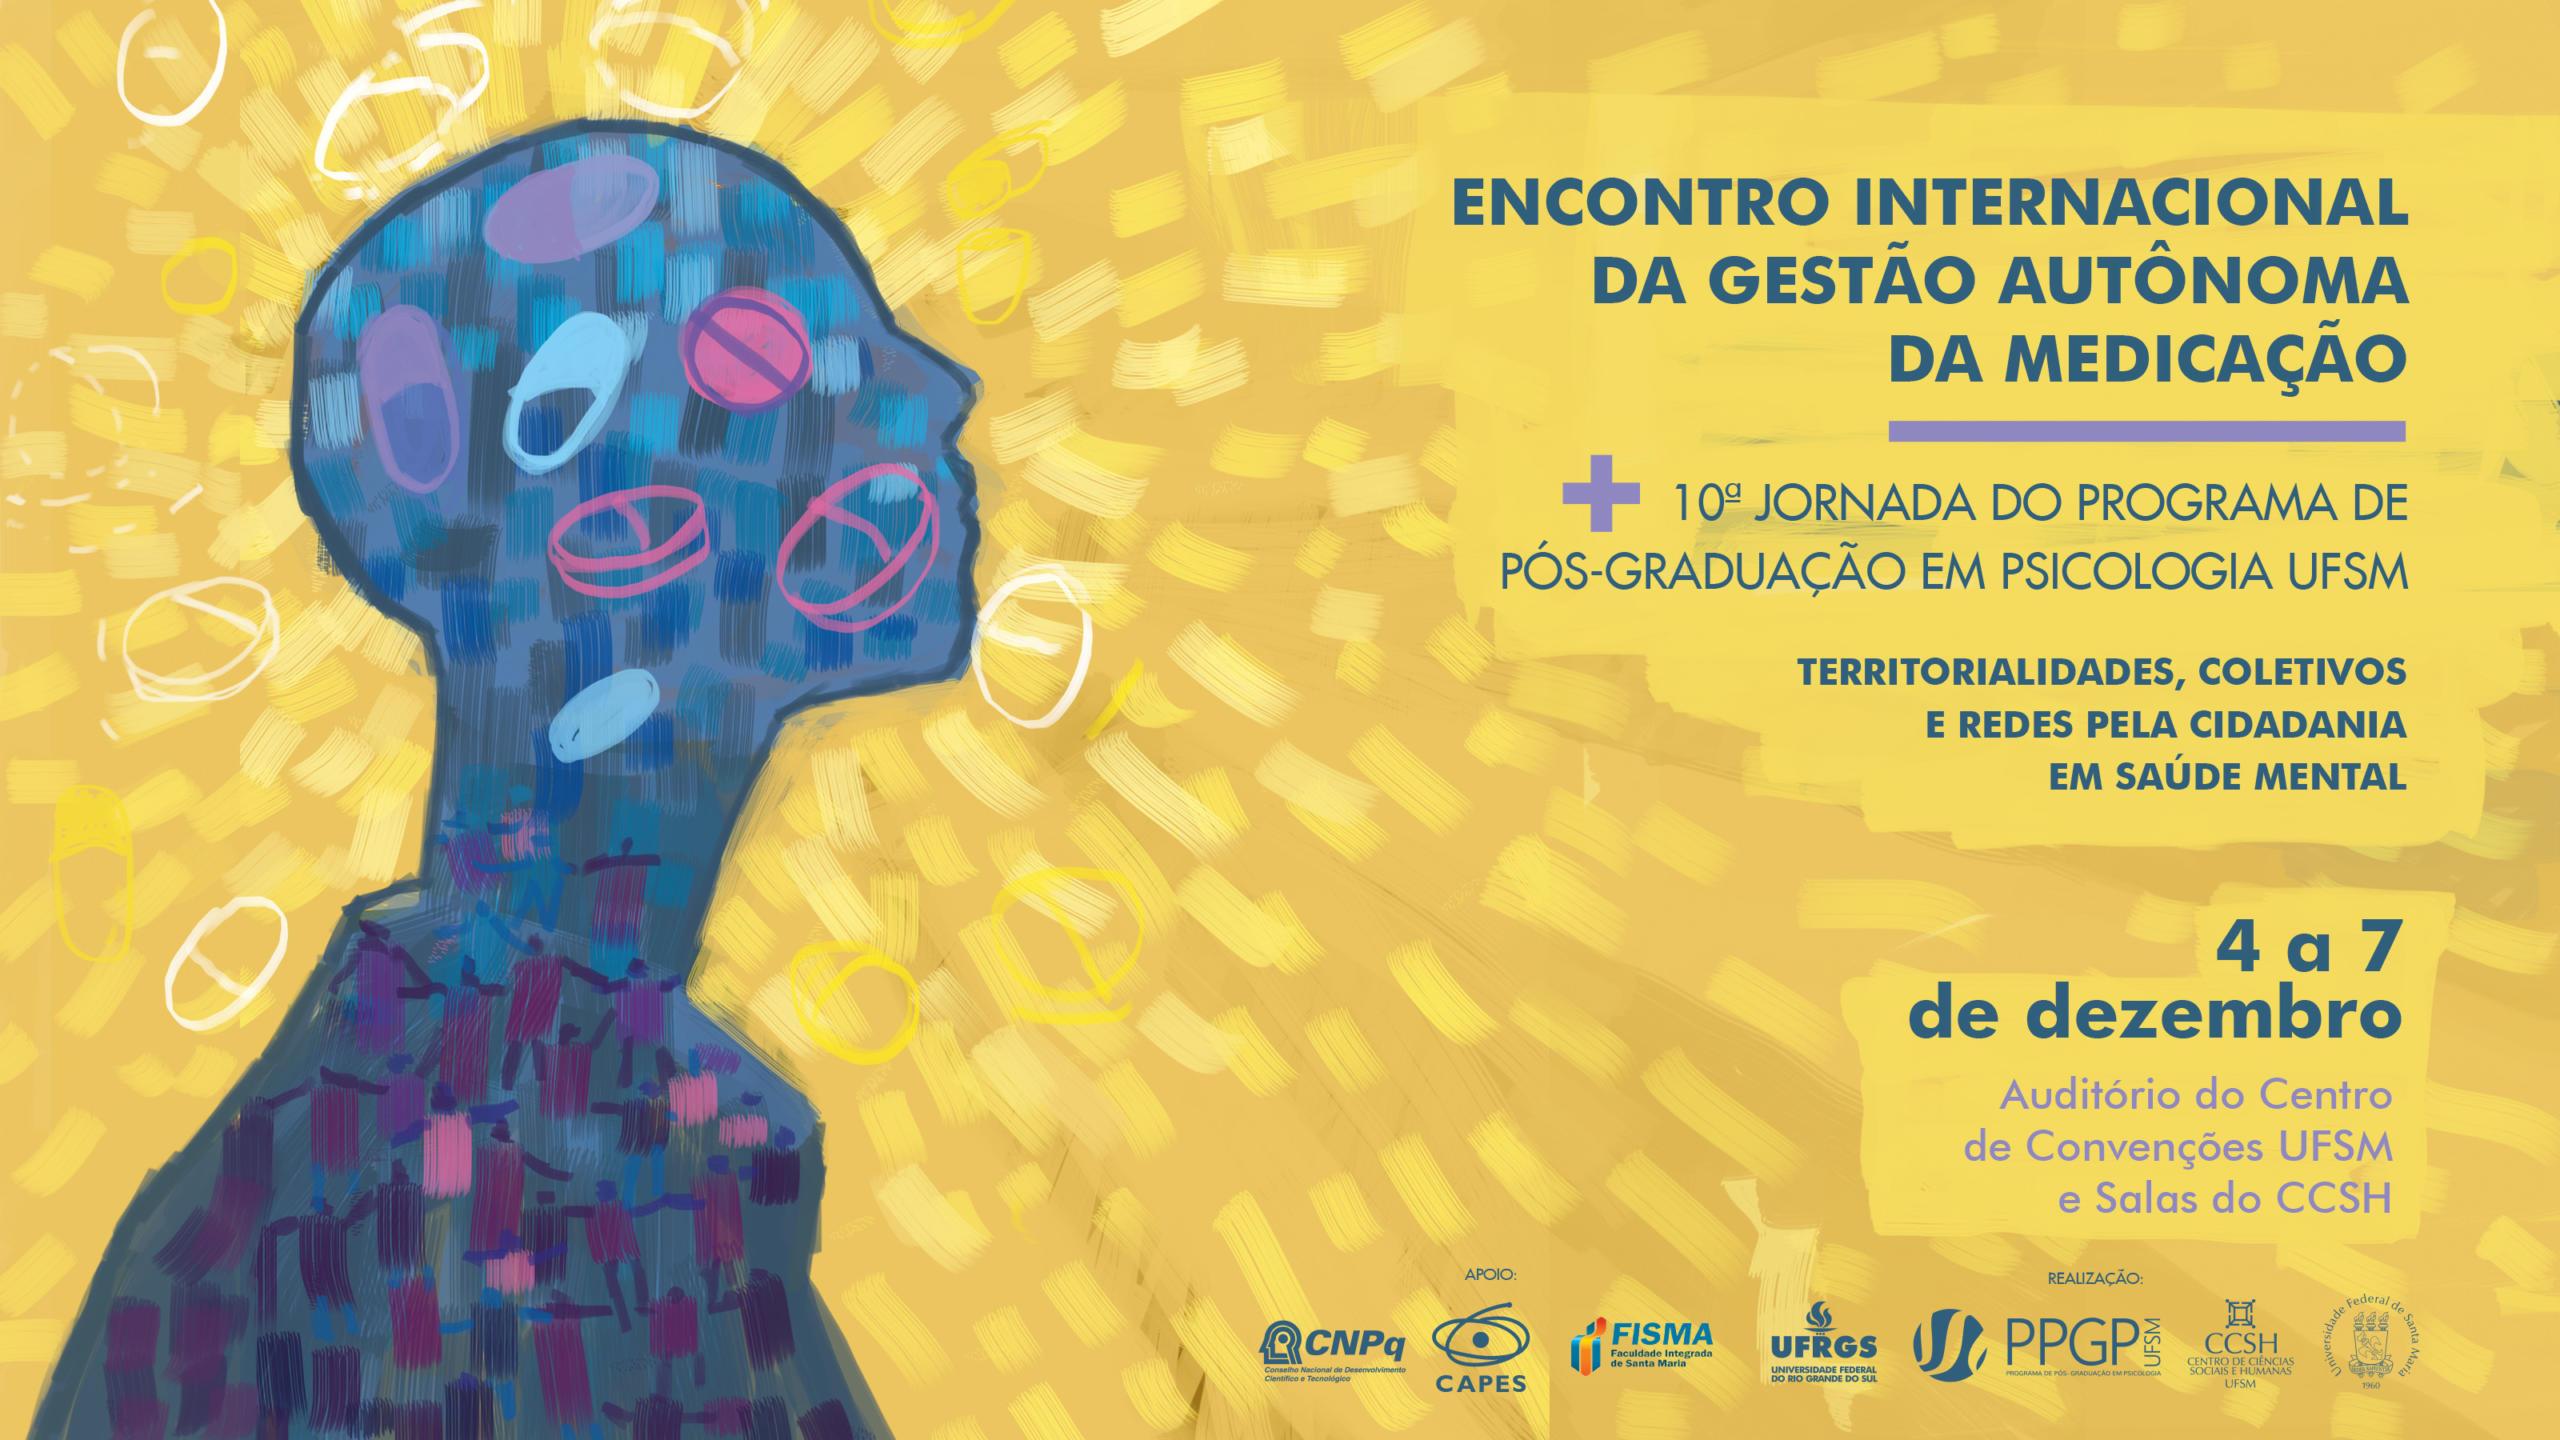 Evento_Internacional_GAM_2018.jpg